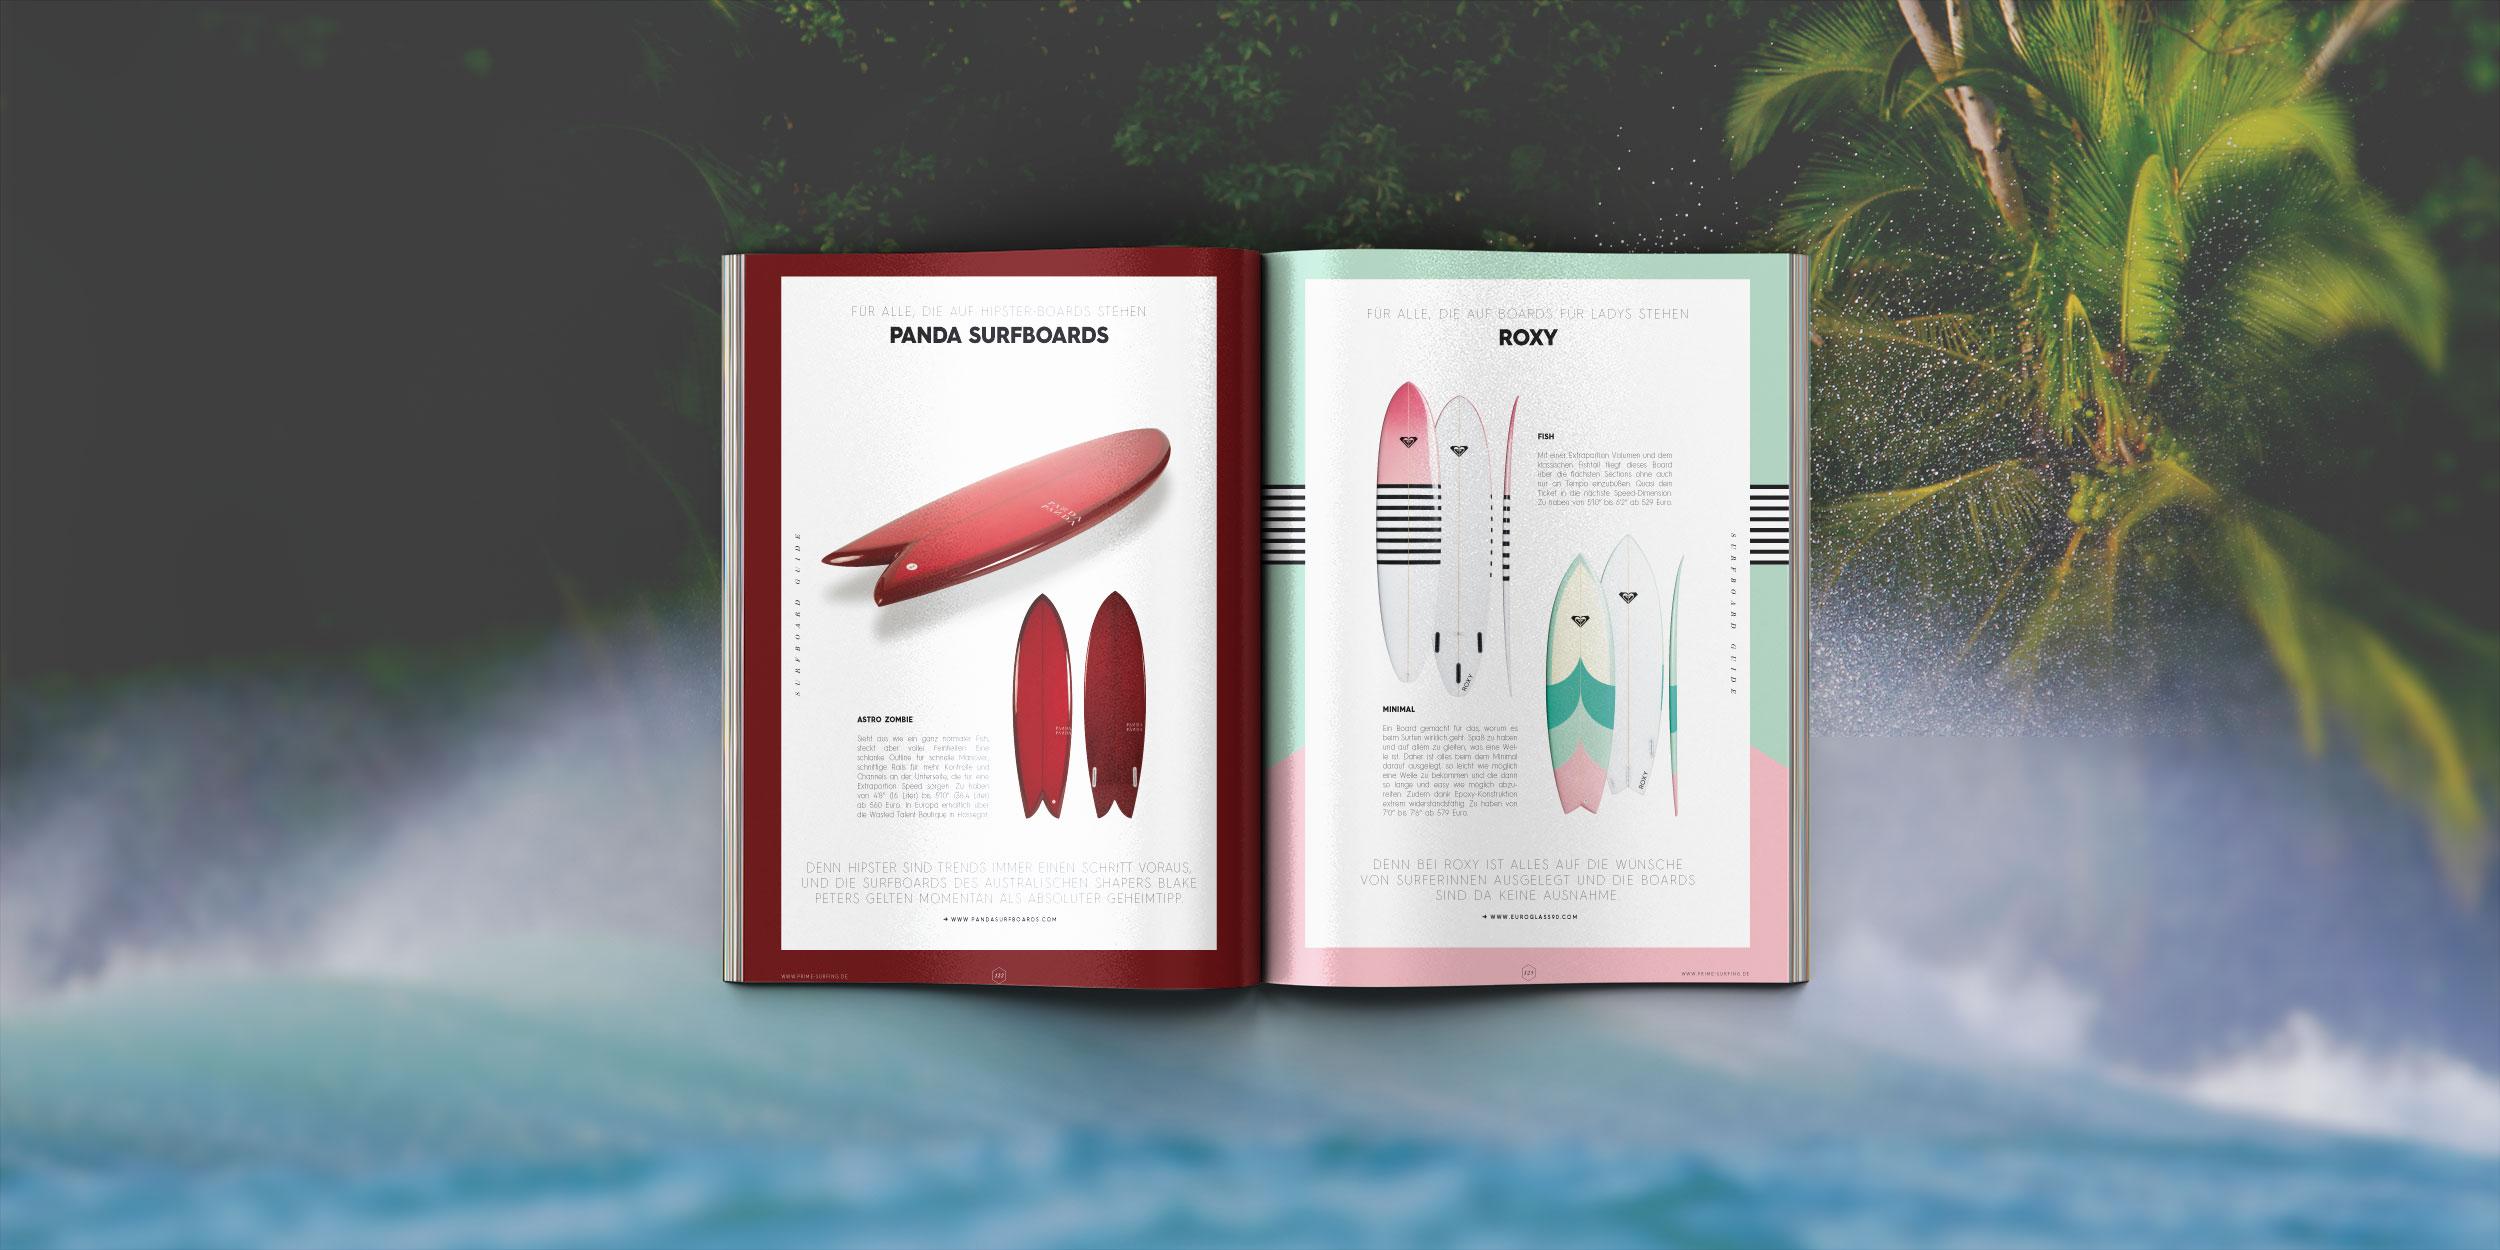 Boardguide Prime Surfing